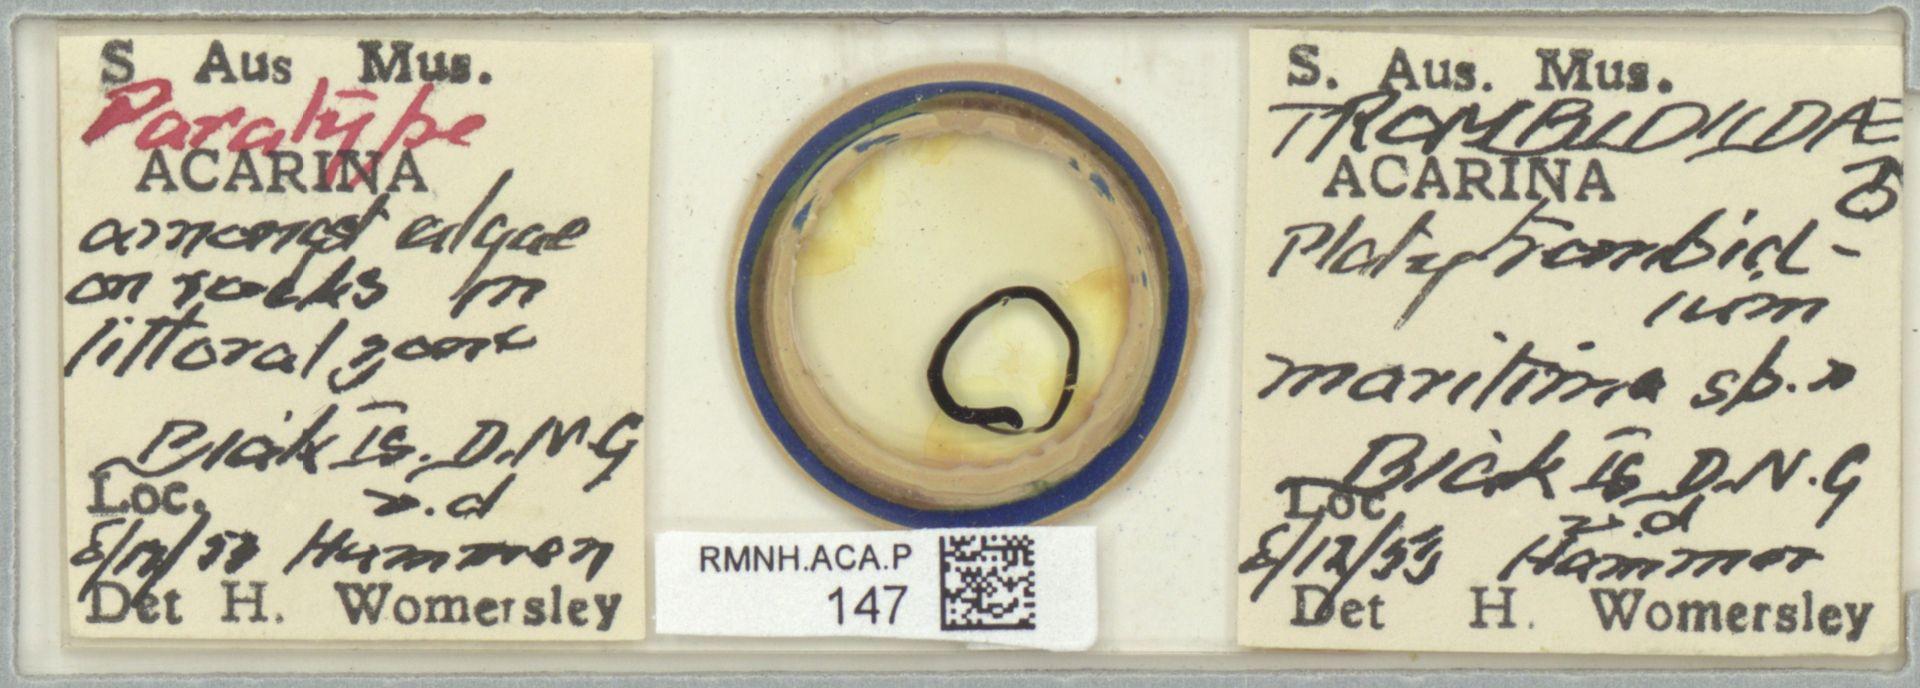 RMNH.ACA.P.147   Platytrombidium maritimum Womersley